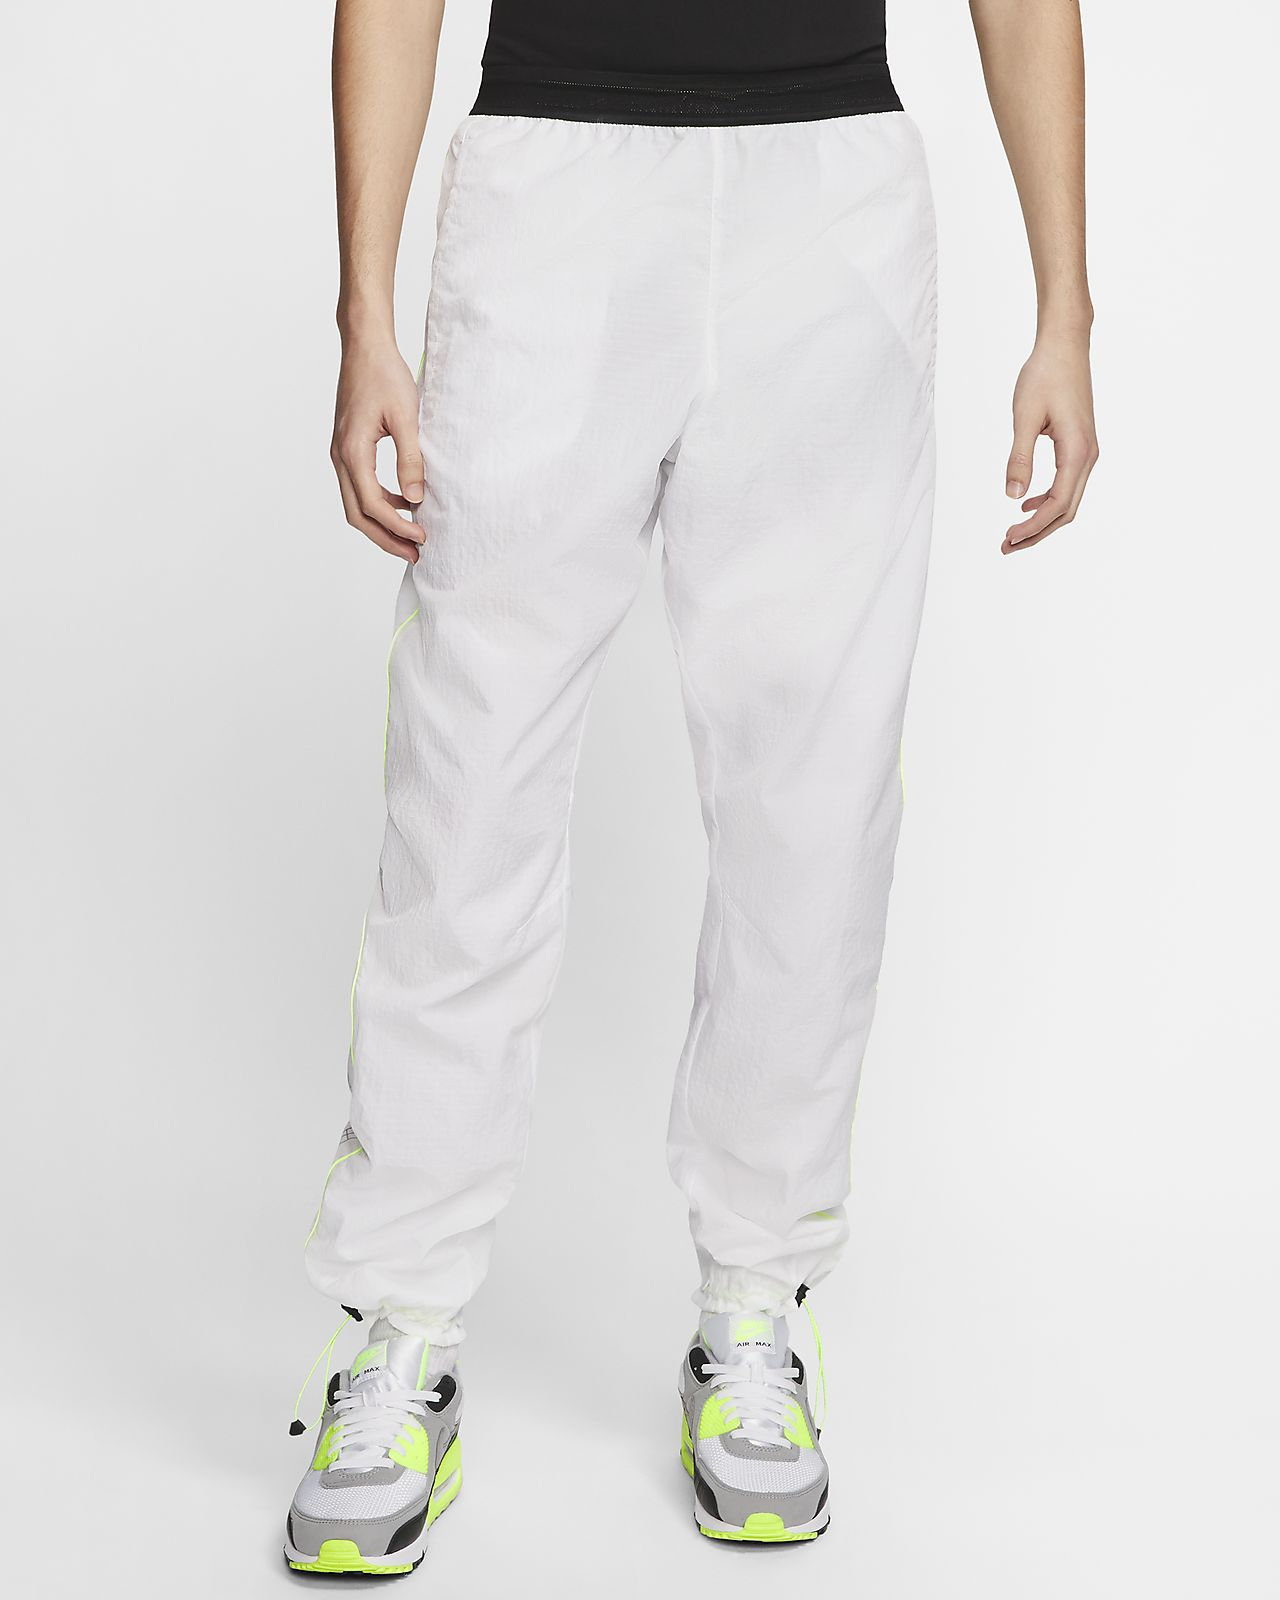 Nike Sportswear DNA Men's Woven Trousers